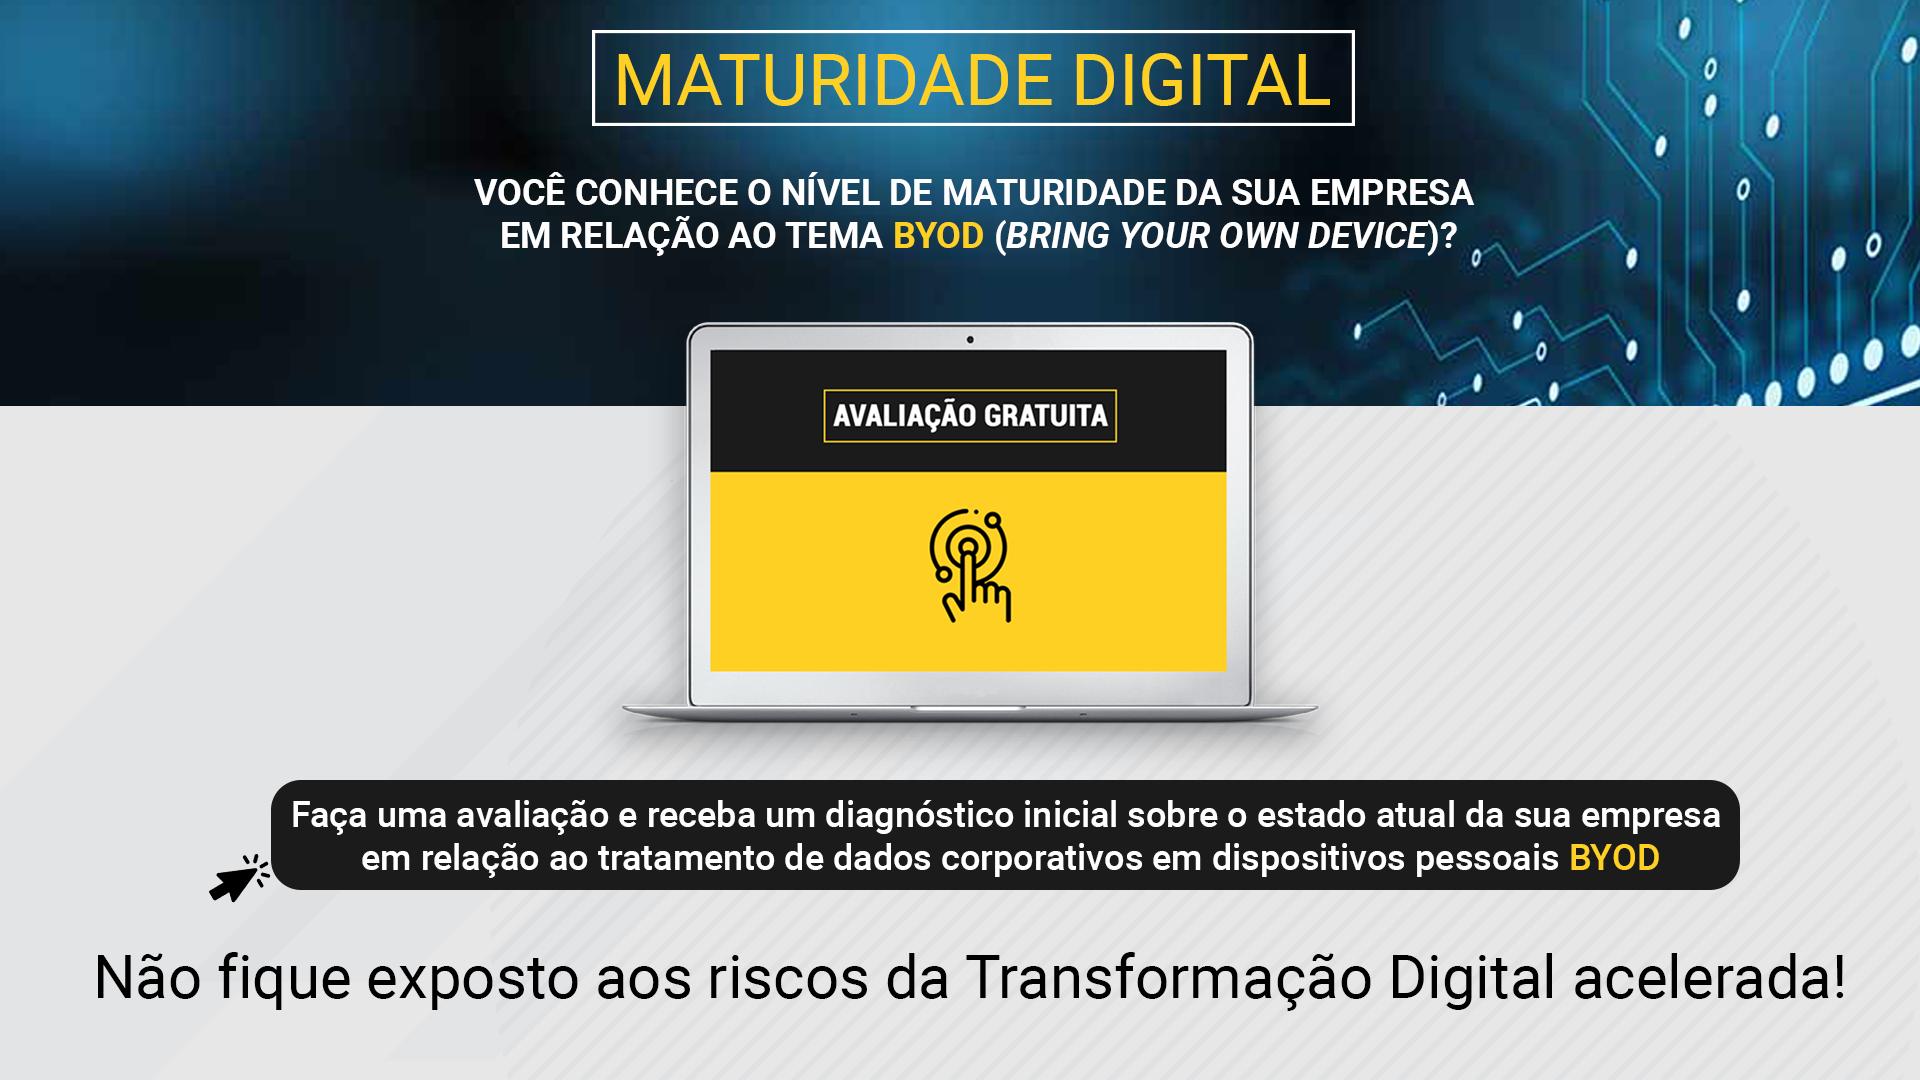 Avaliação da Maturidade Digital BYOD